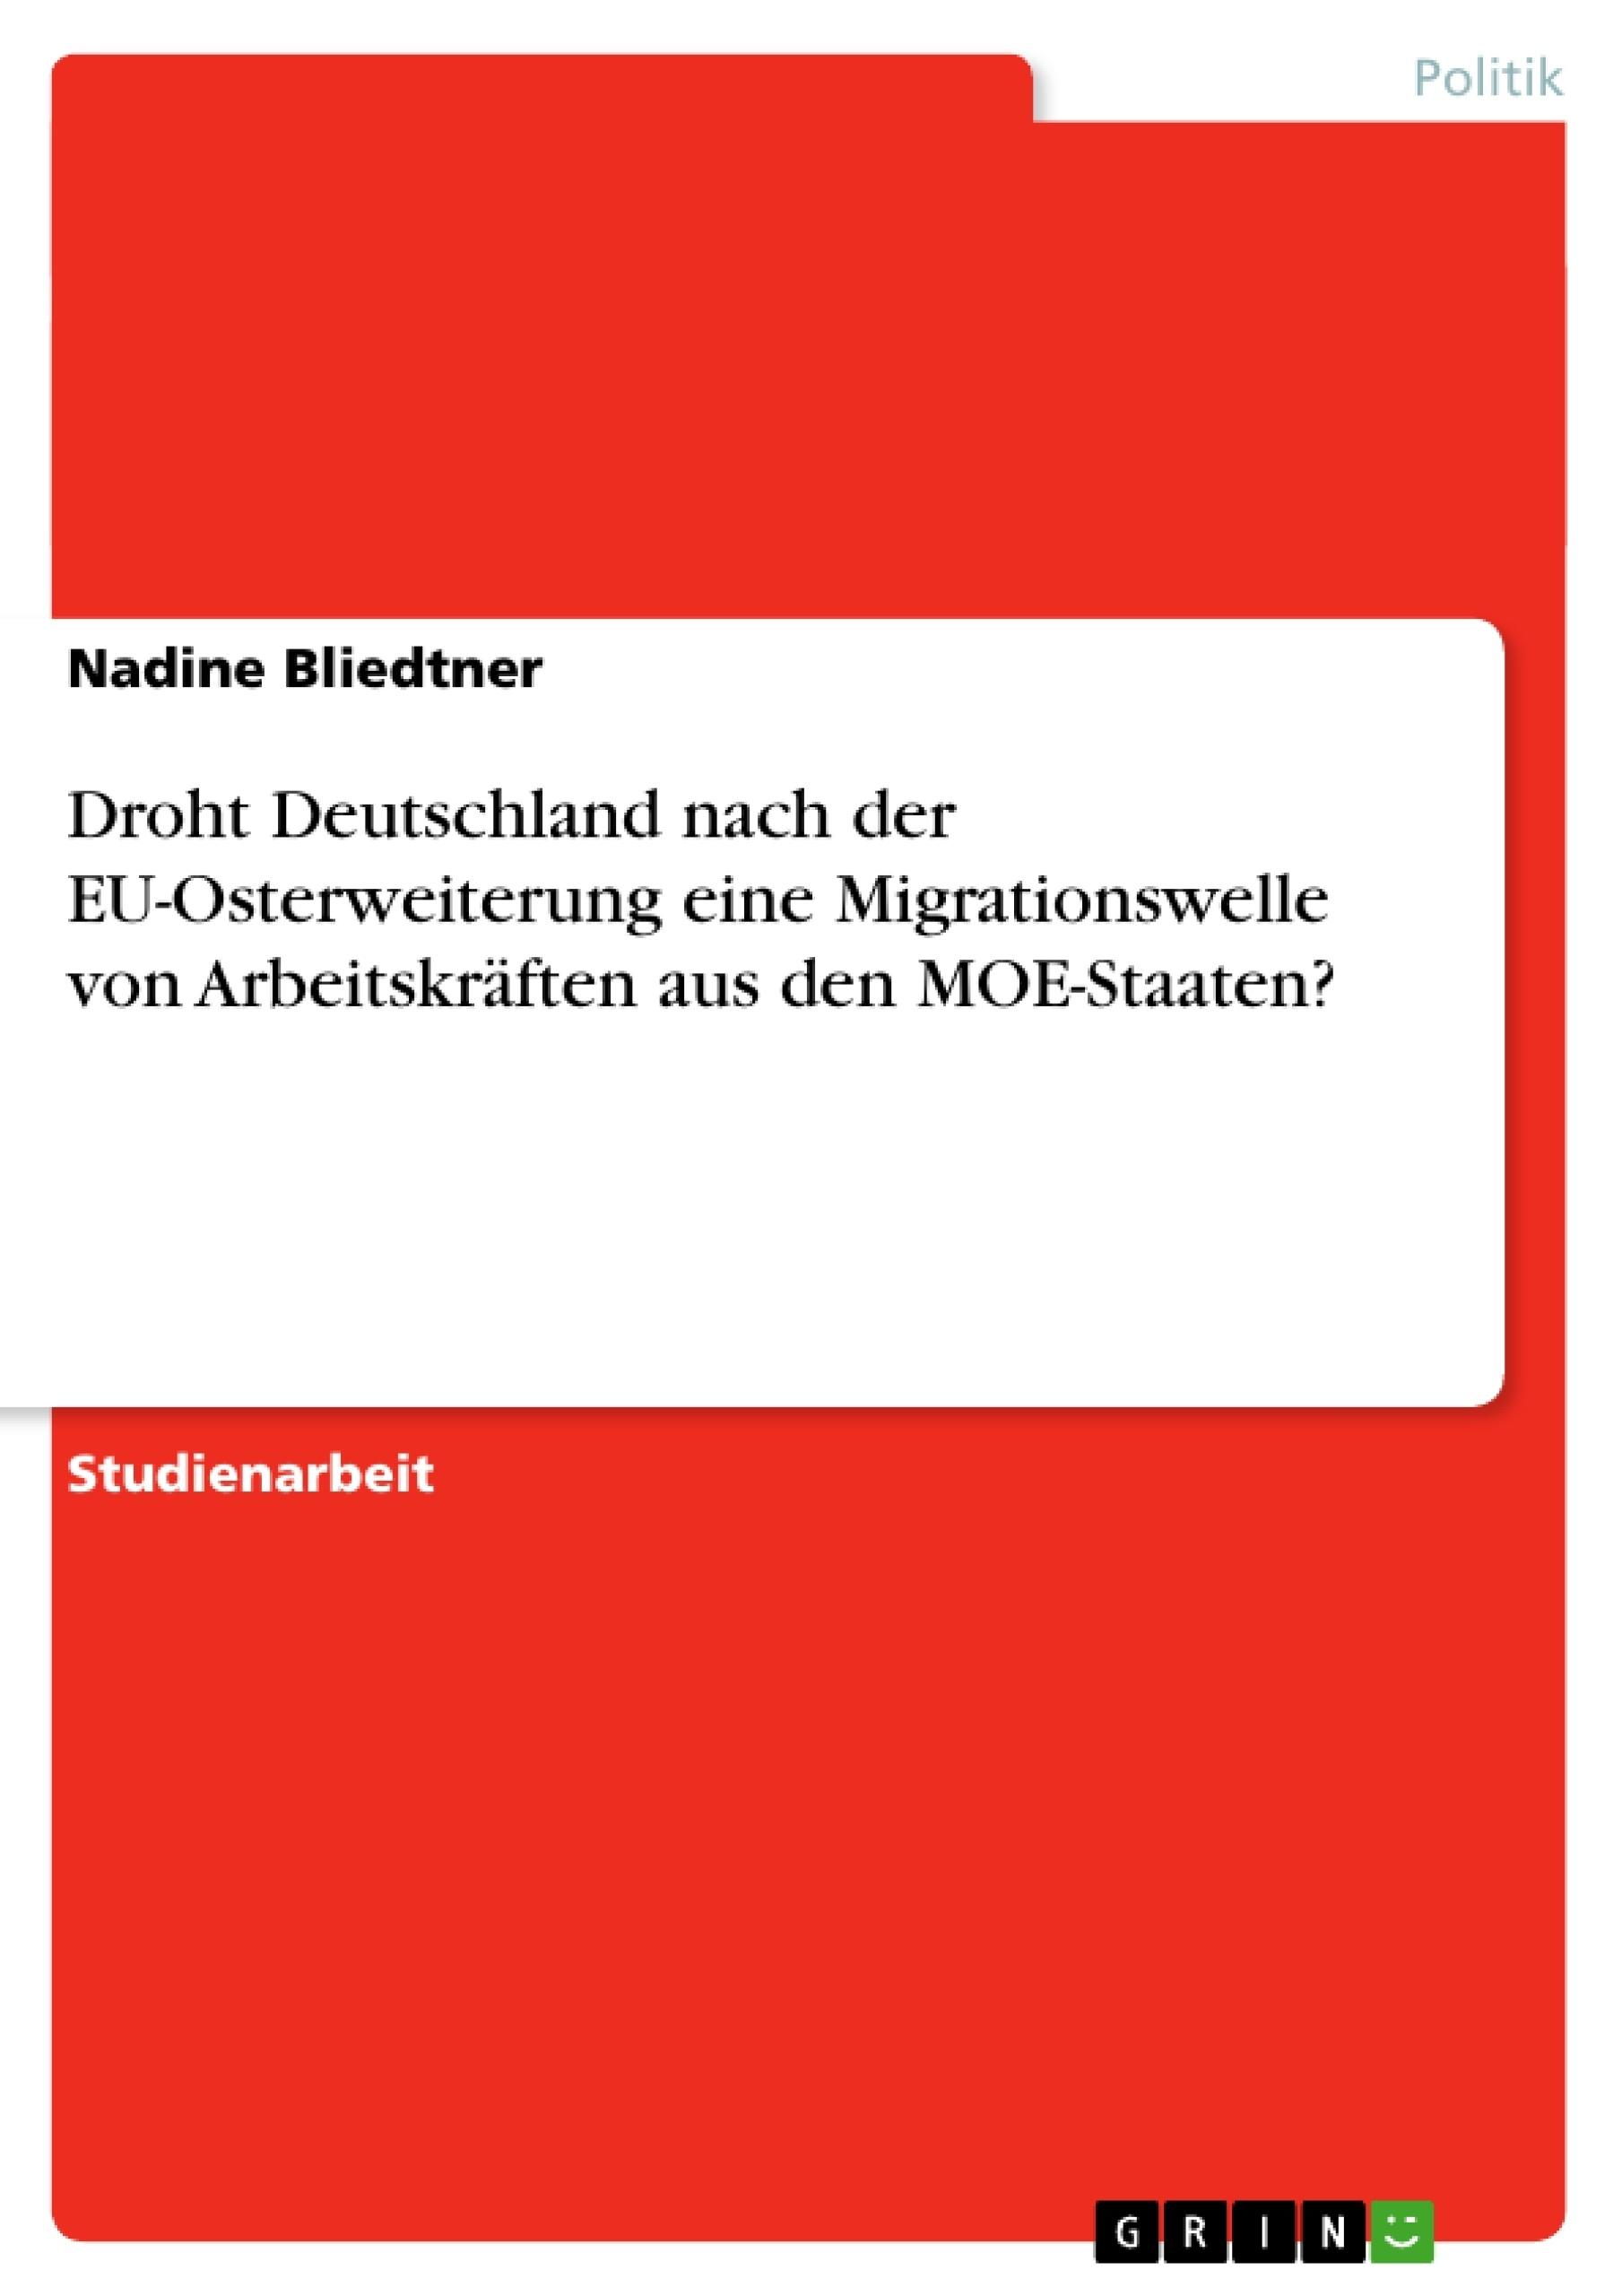 Titel: Droht Deutschland nach der EU-Osterweiterung eine Migrationswelle von Arbeitskräften aus den MOE-Staaten?